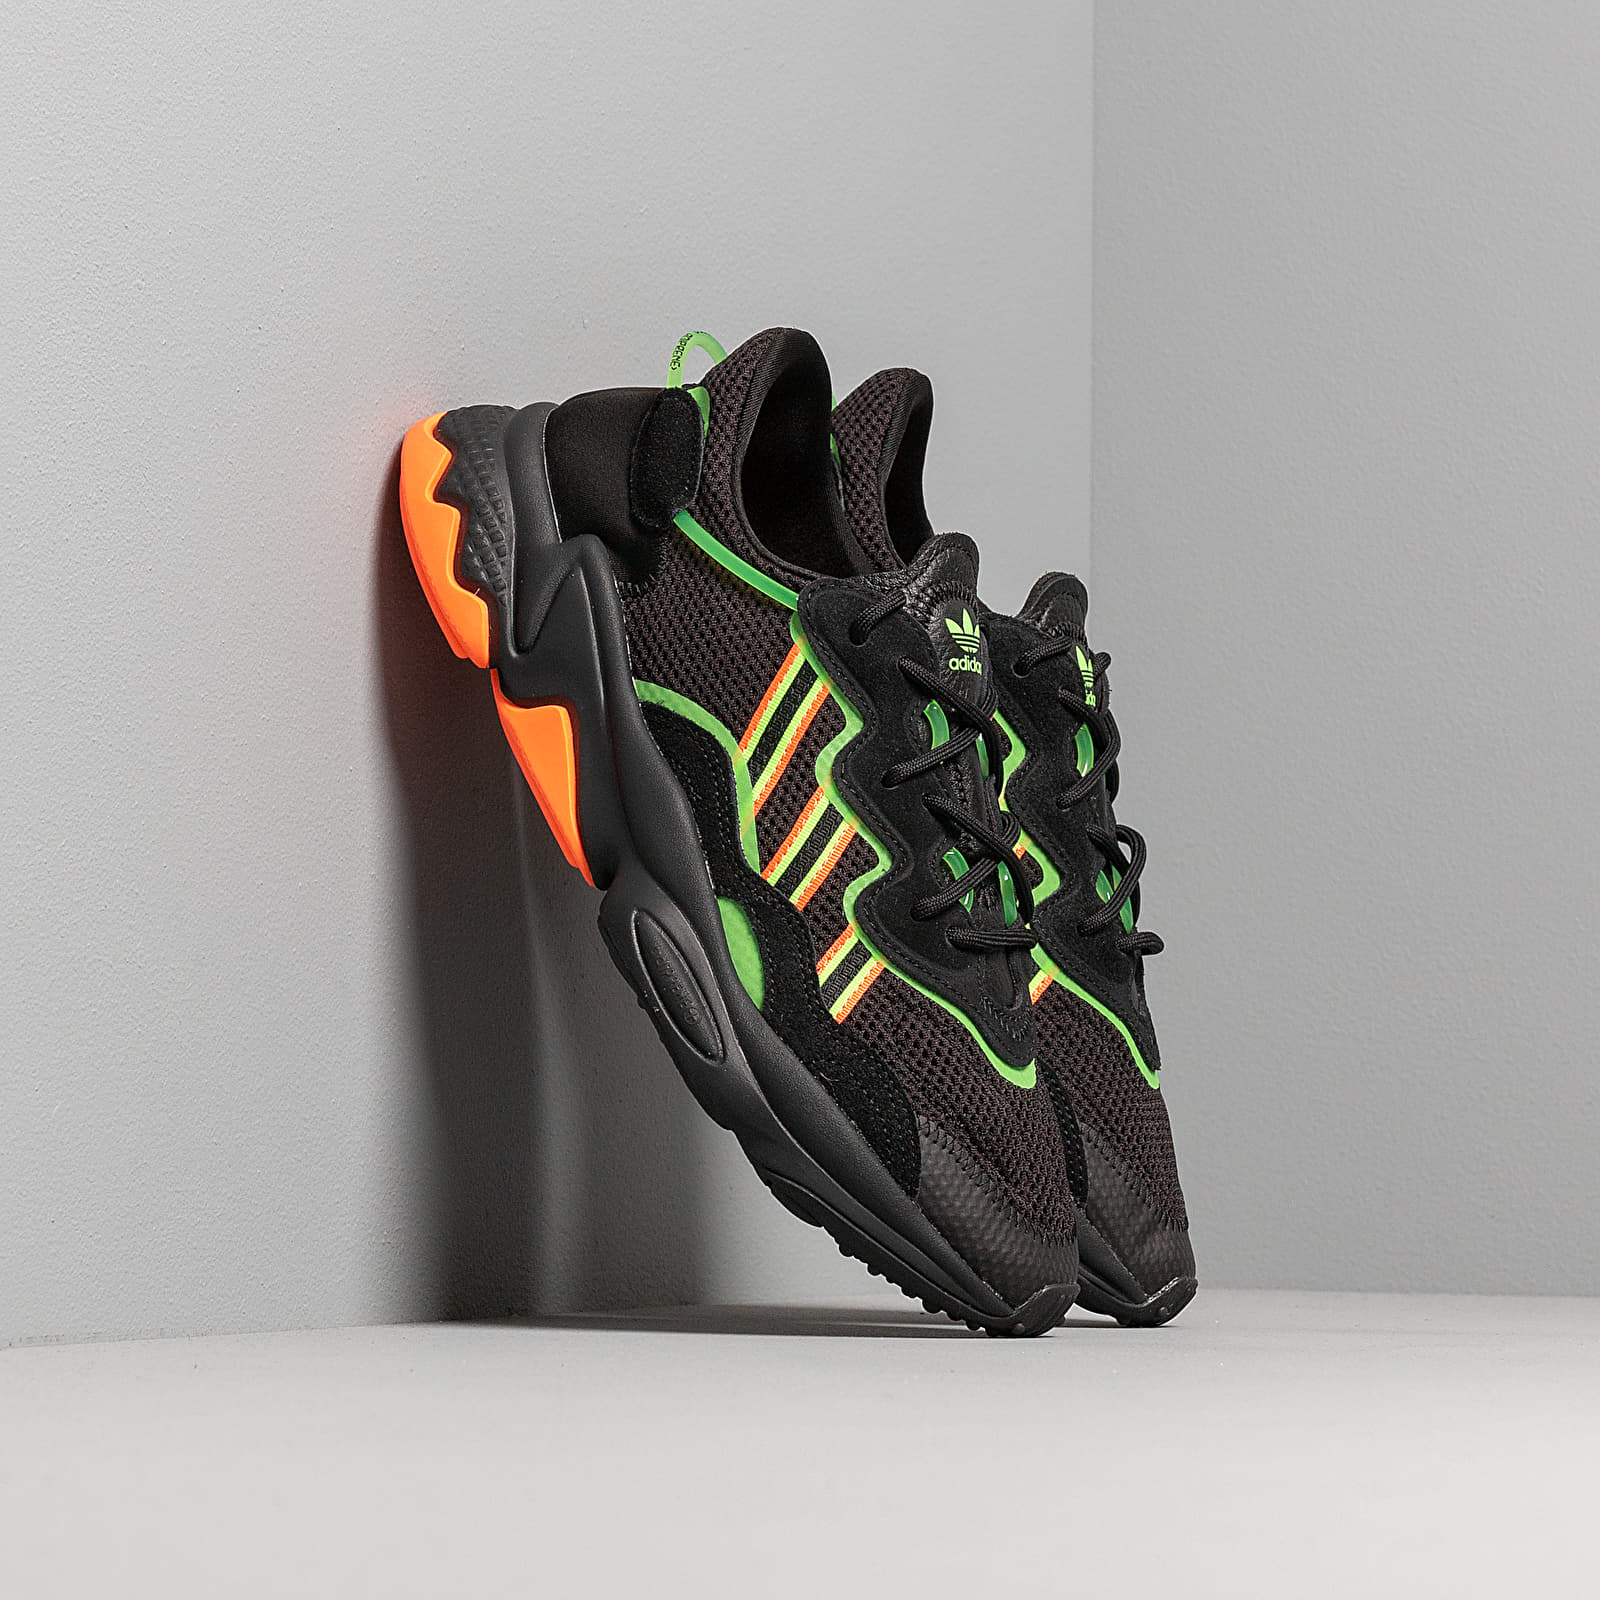 Scarpe e sneaker da uomo adidas Ozweego Core Black/ Semi Green/ Hi-Res Collegaite